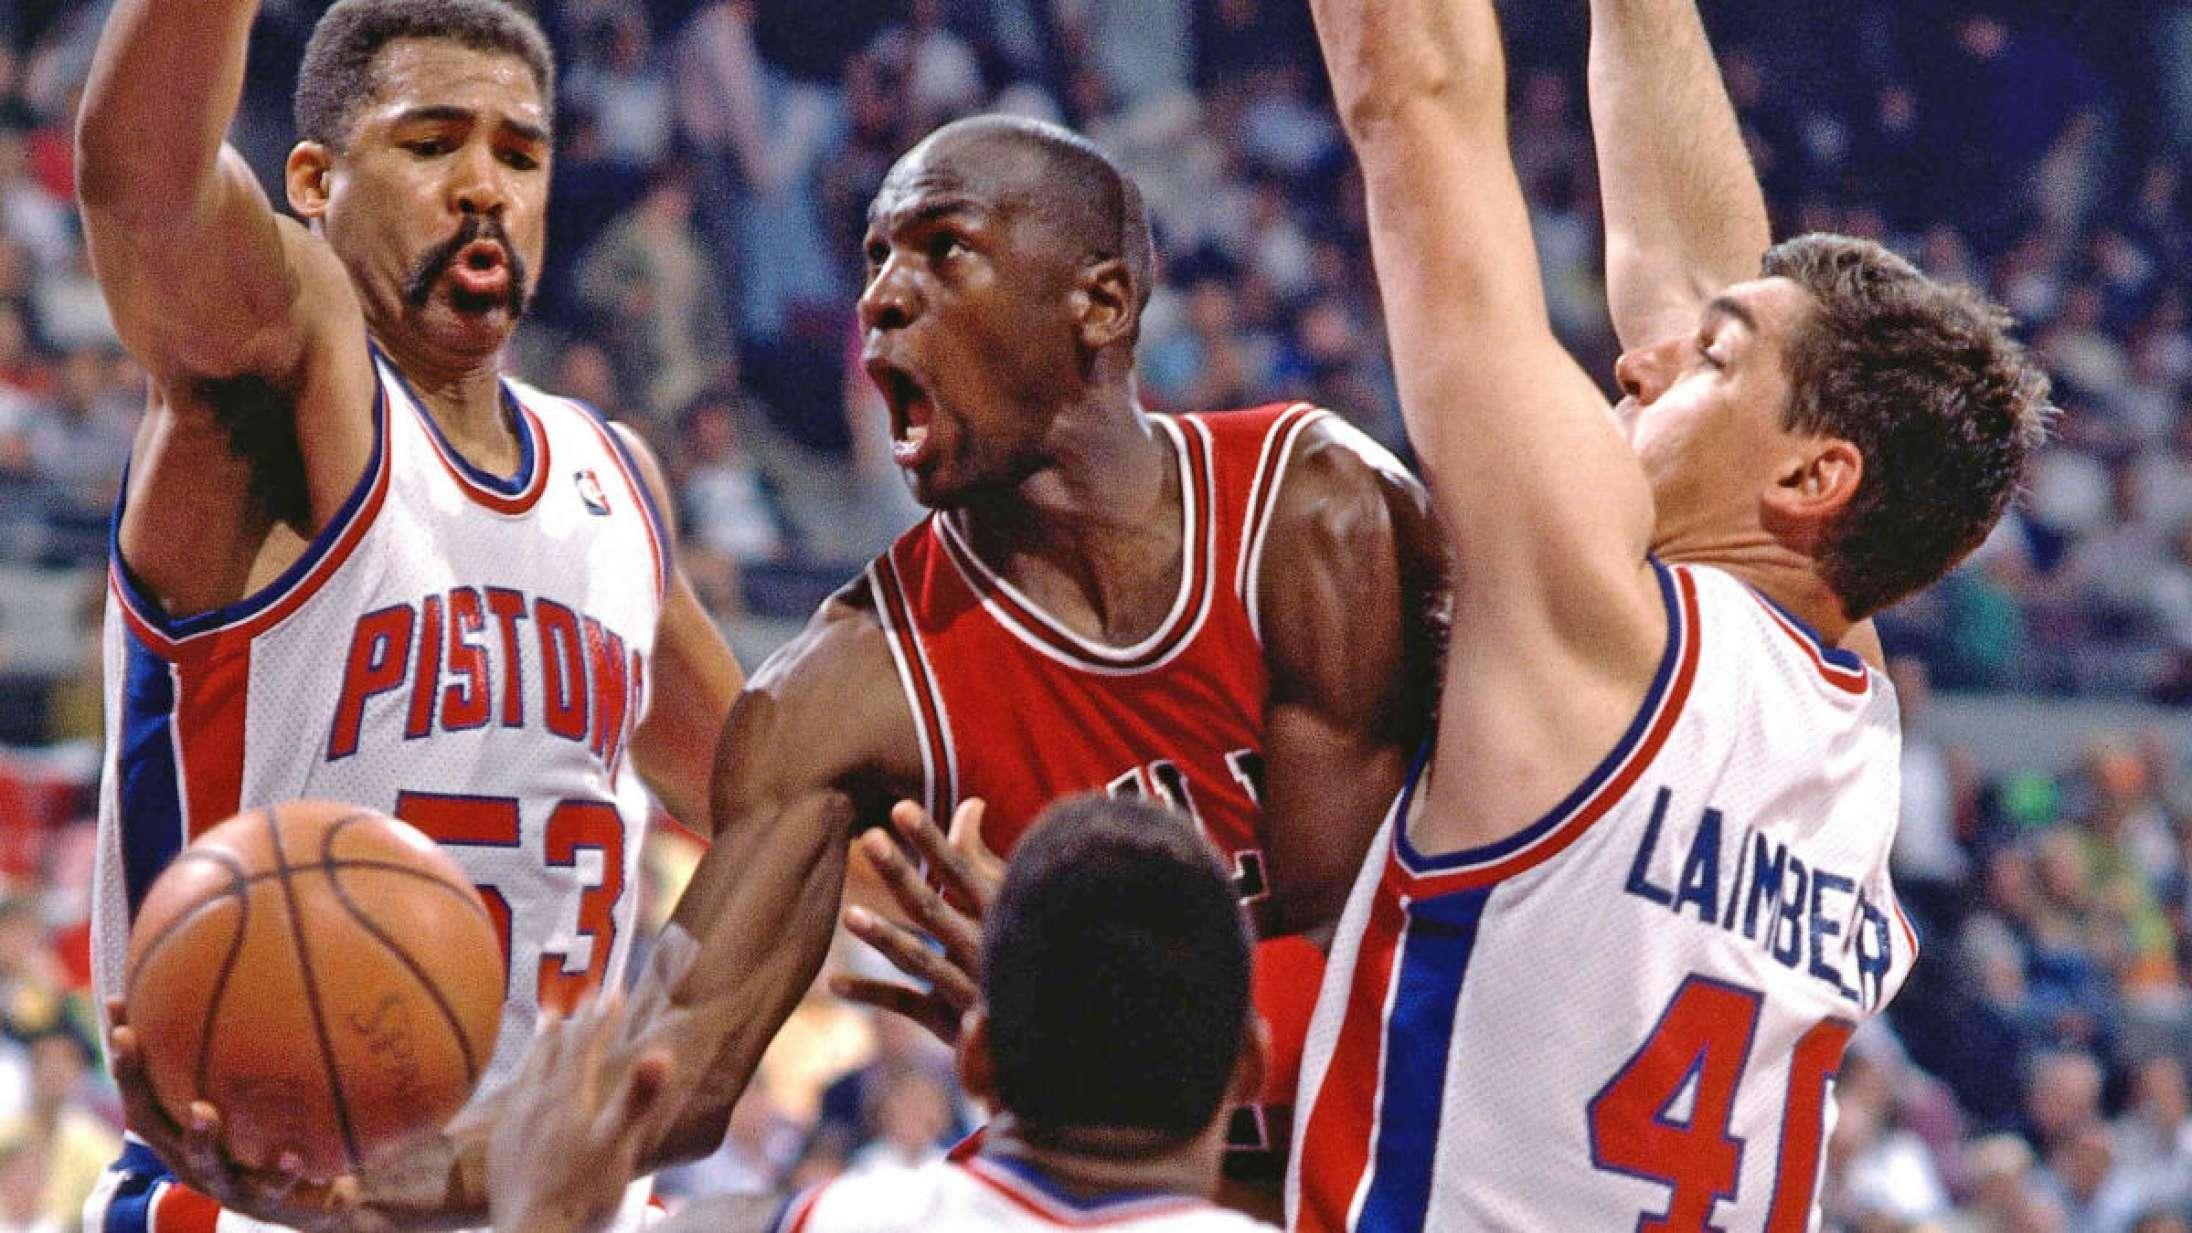 'The Last Dance': Netflix-serie om Michael Jordan og det bedste baskethold nogensinde er vildt underholdende